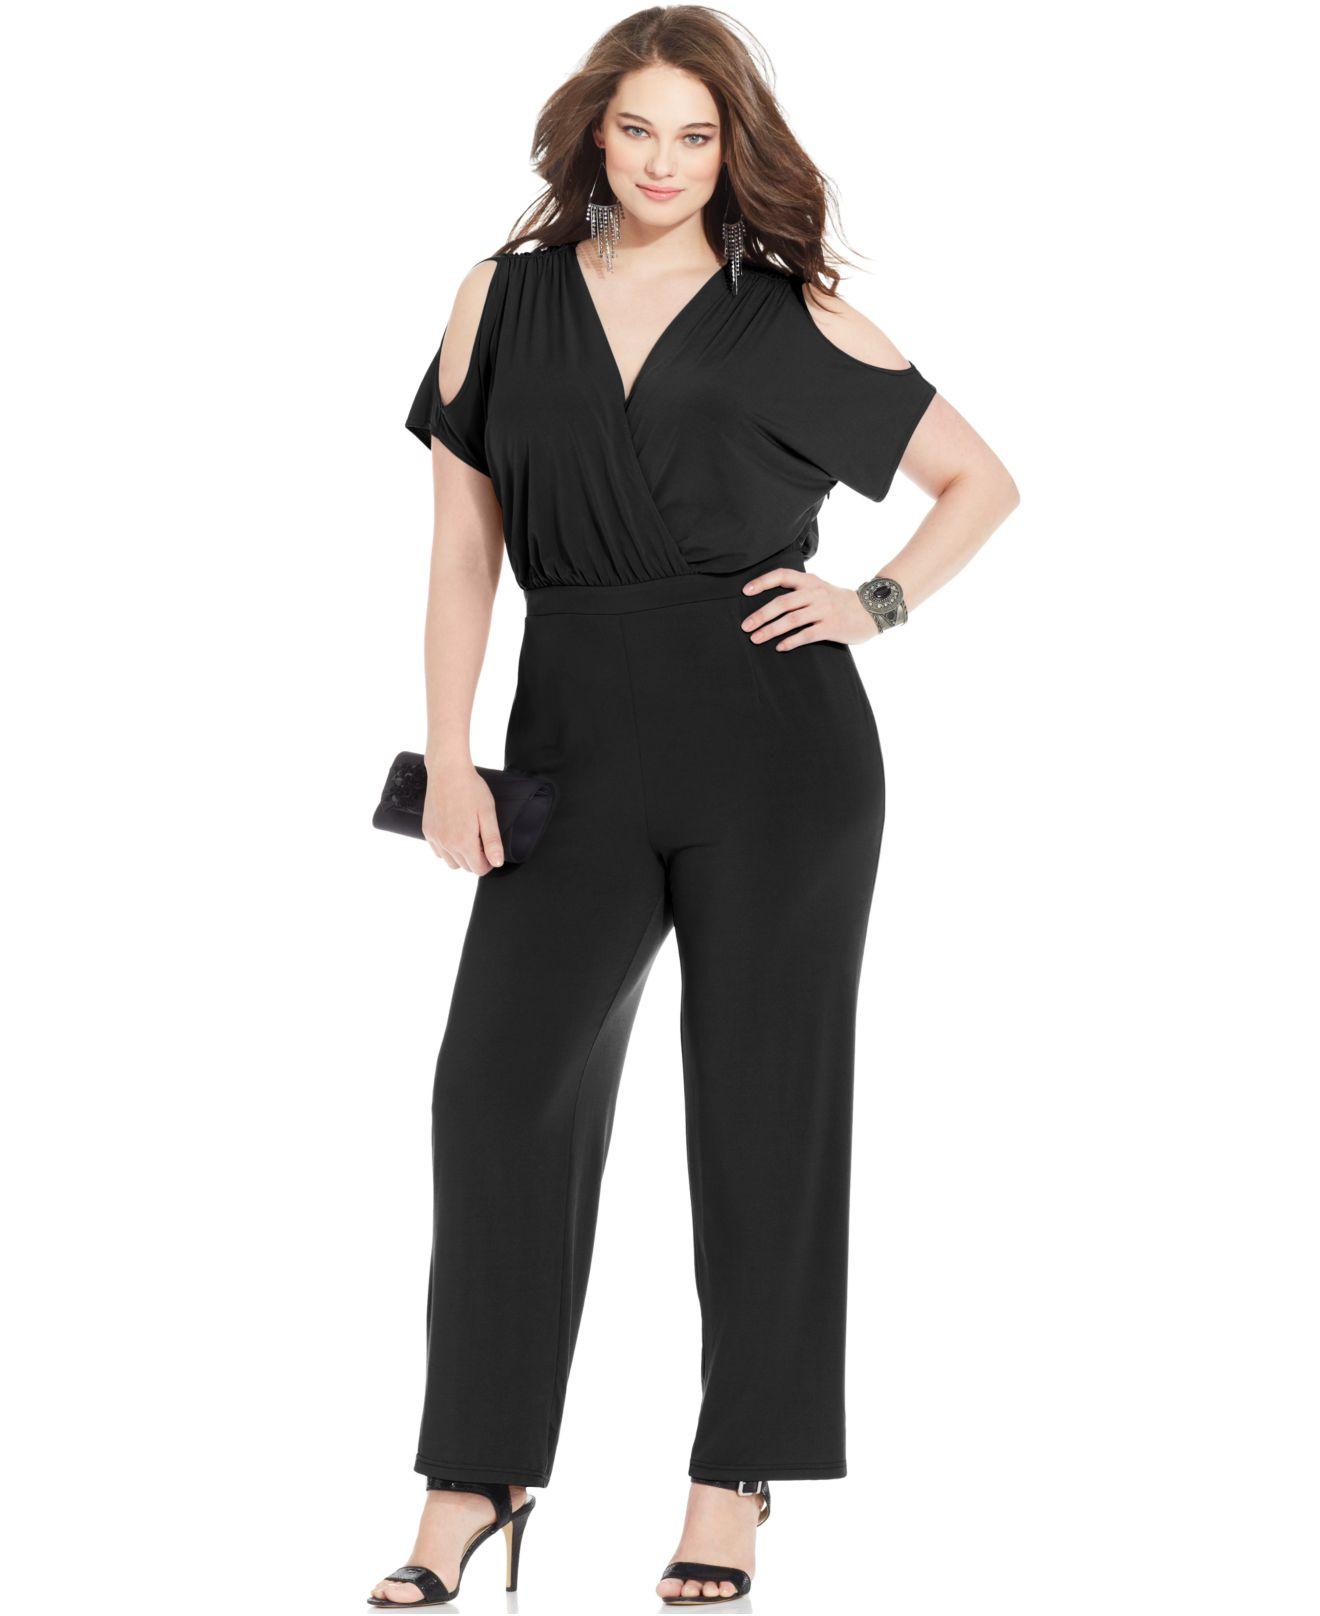 e6f711c94b3 Lyst - Spense Plus Size Cold-Shoulder Wide-Leg Jumpsuit in Black